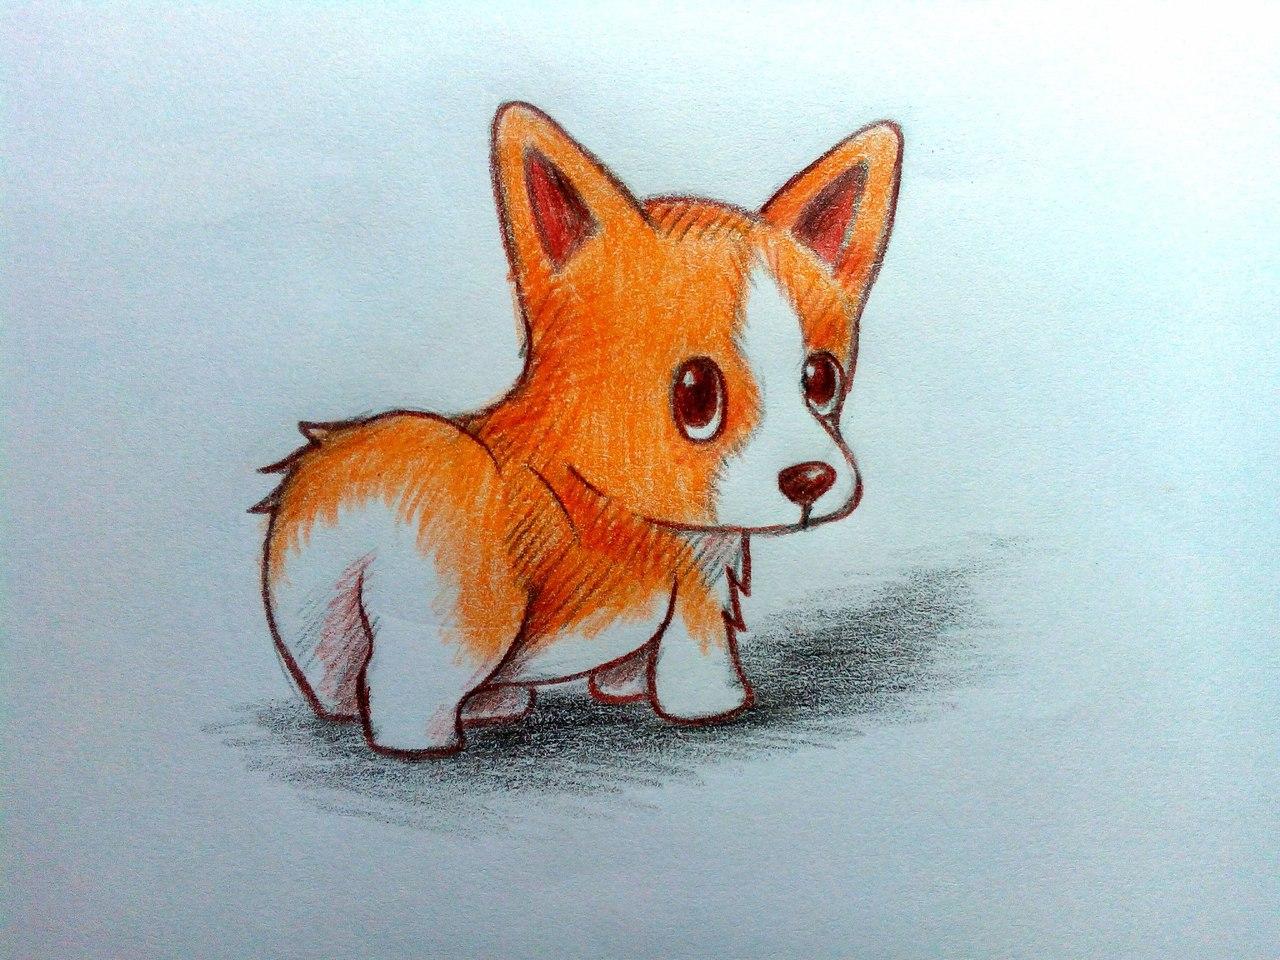 композиции красивые и милые картинки для срисовывания цветными карандашами тяжелой форме